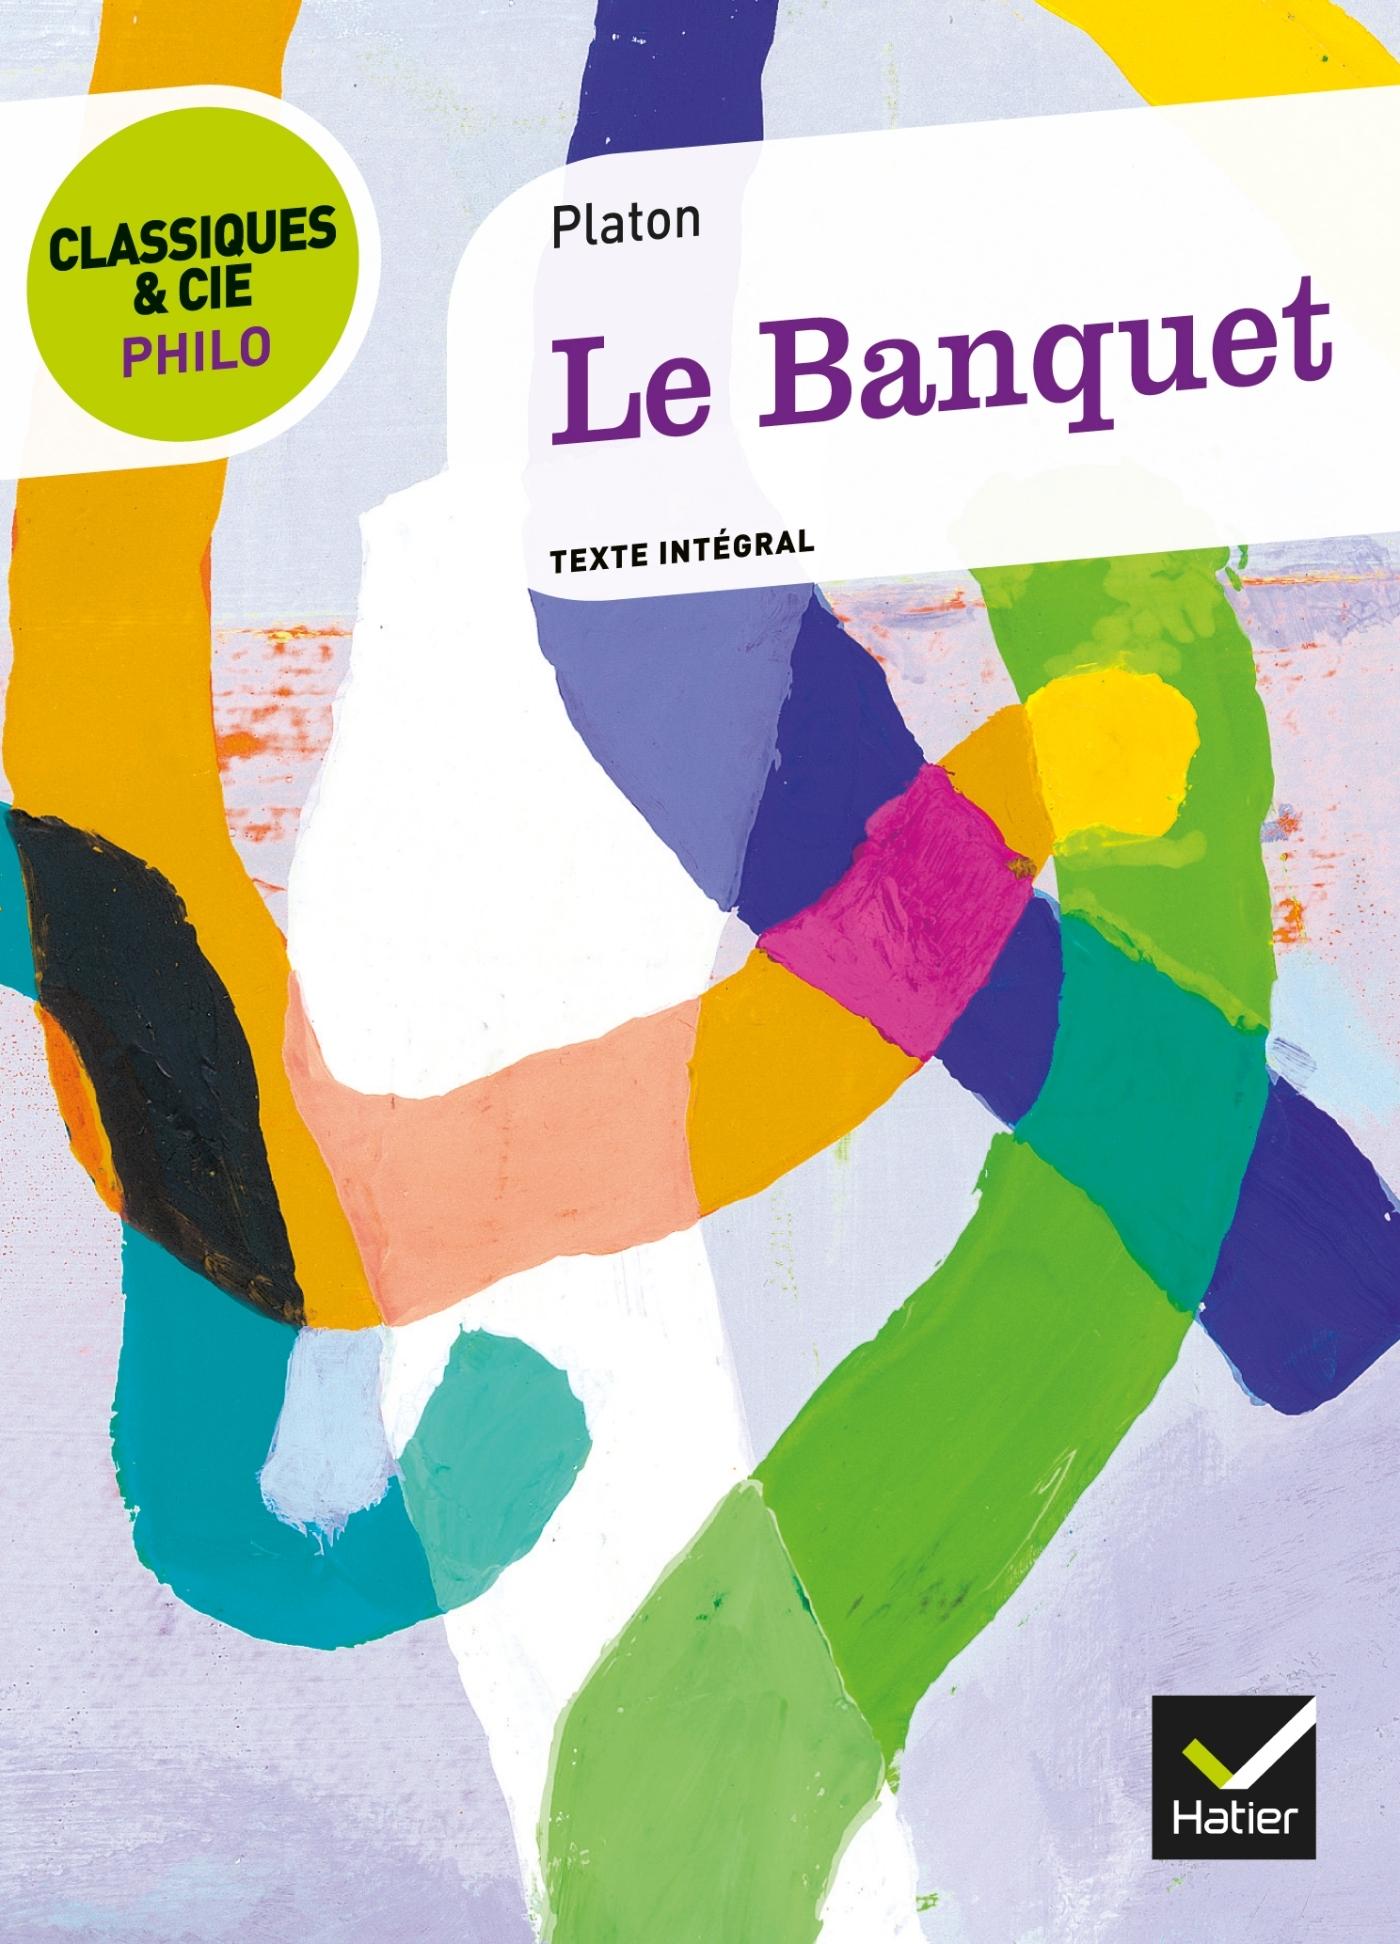 LE BANQUET - CLASSIQUES & CIE PHILO